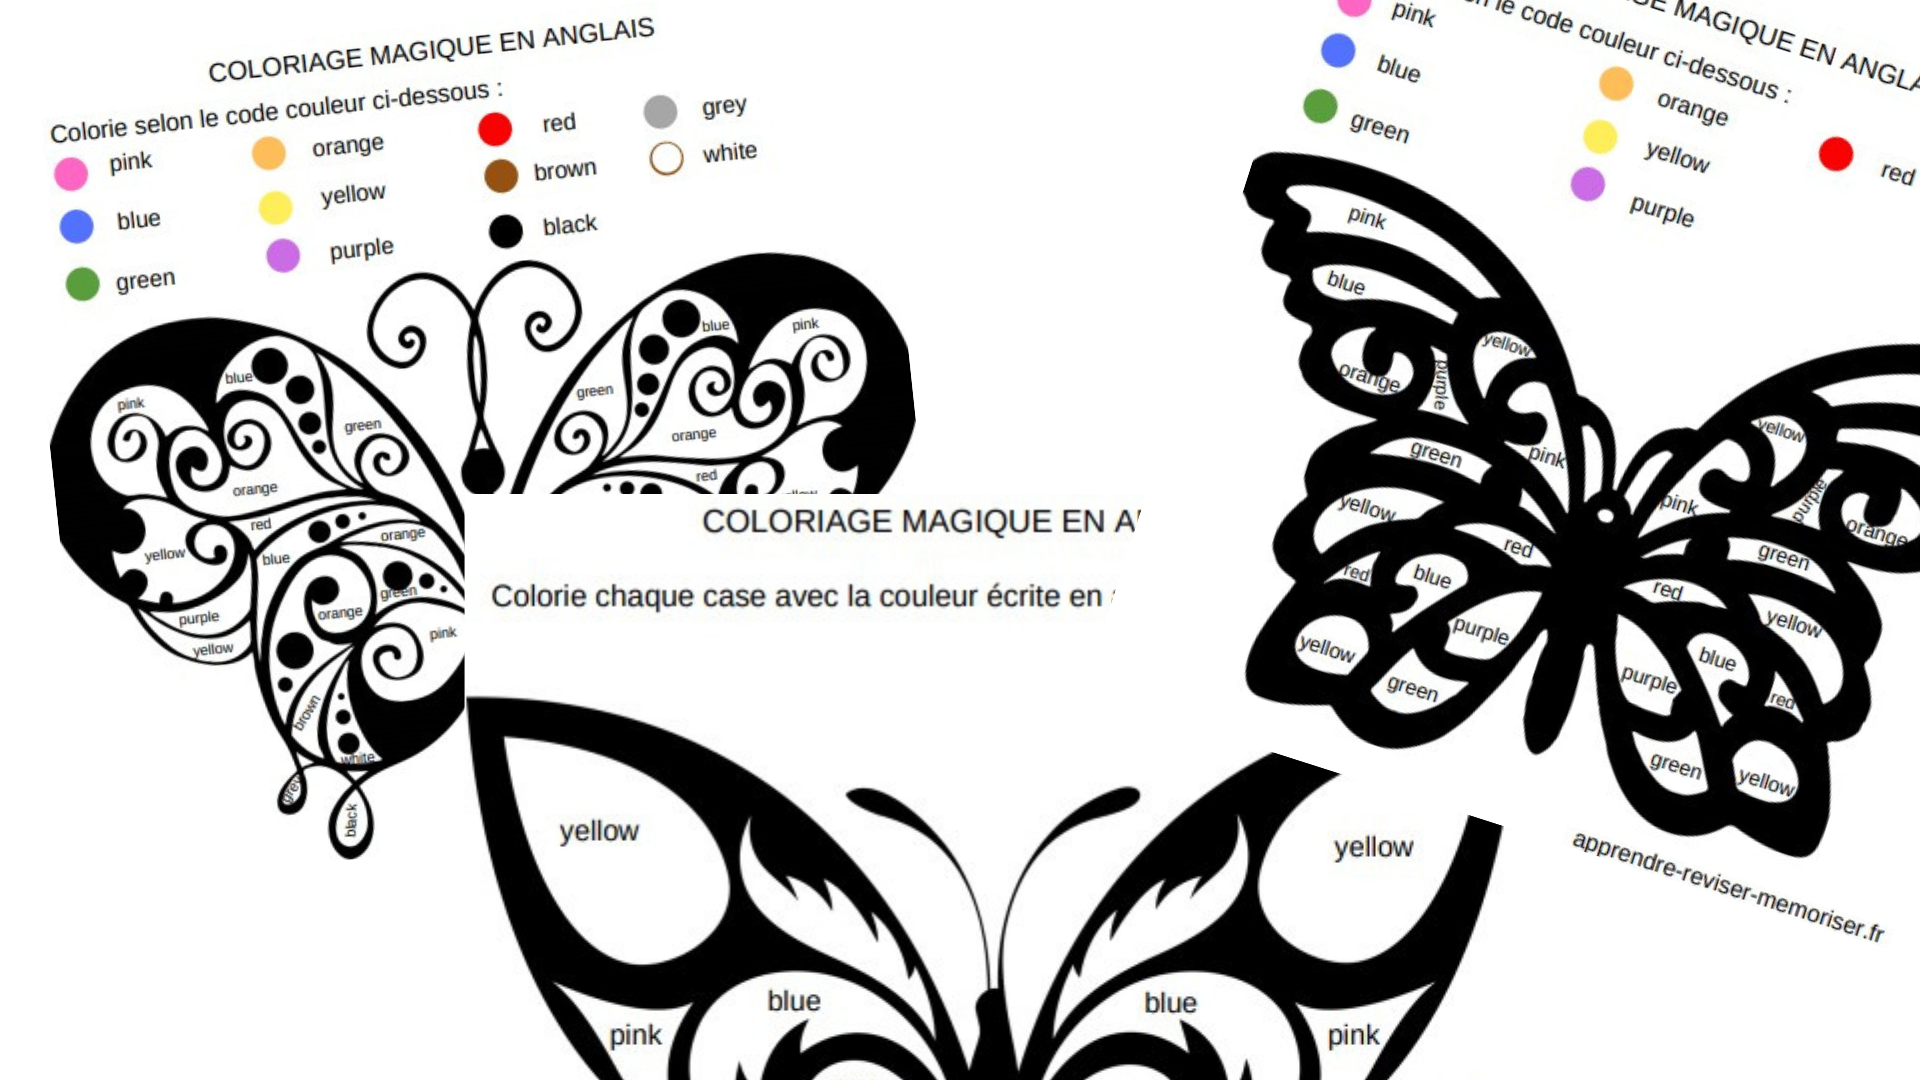 3 Coloriages Magiques En Anglais Pour Apprendre Les Couleurs